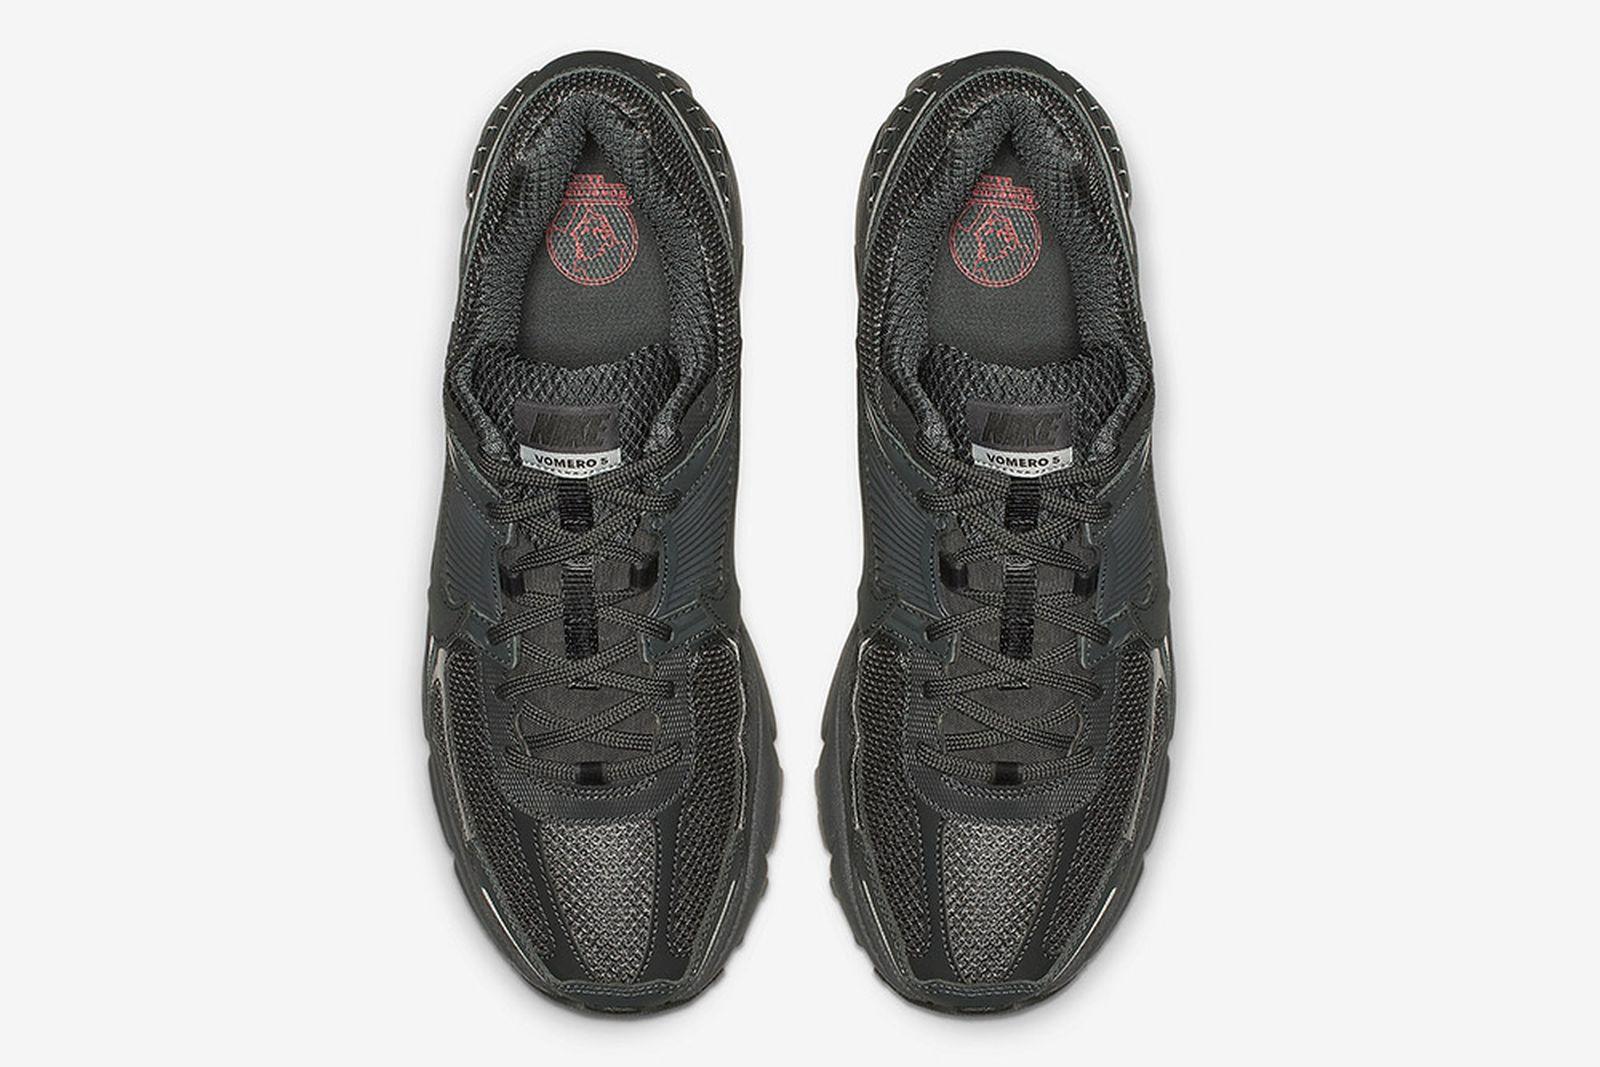 nike zoom vomero 5 white black release date price